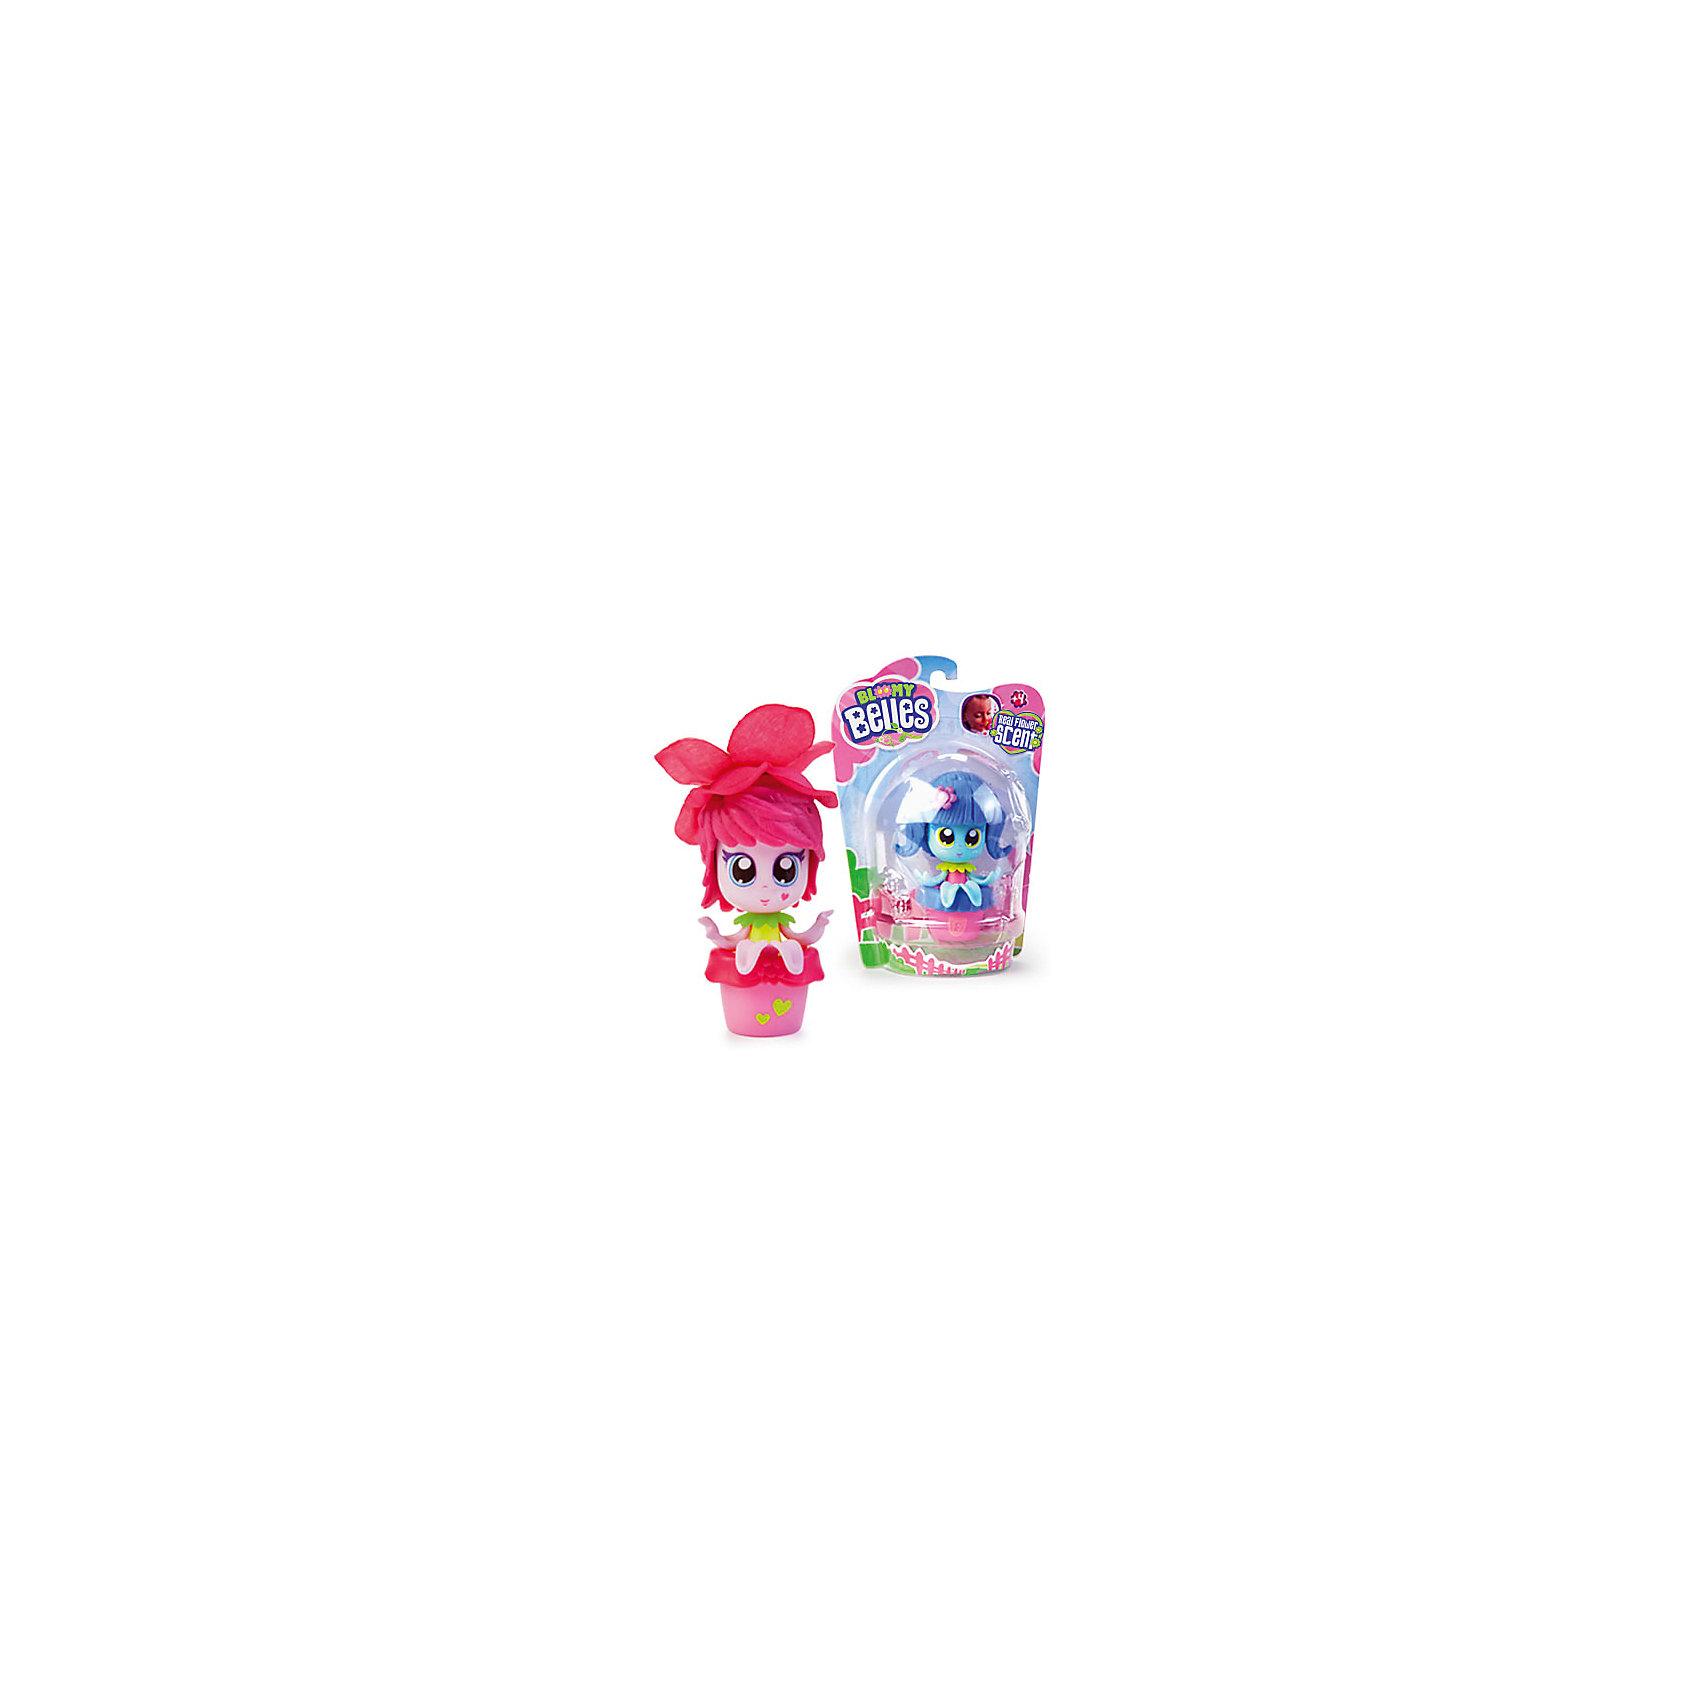 Кукла Девочка-цветок, Toy ShockКлассические куклы<br>Кукла Девочка-цветок, Toy Shock (Той Шок) - это прекрасный подарок для девочки.<br>Кукла Девочка-цветок создана торговой маркой Toy Shock (Той Шок), производящей красивые и функциональные игрушки. В прекрасном волшебном саду живут необычные подружки - девочки-цветы: Лола, Роуз, Даффи, Лили и Глэдис. Девочки растут в цветочных горшочках, у них разноцветные волосы украшенные цветами, и они издают настоящий цветочный аромат. А еще маленькие подружки могут меняться волосами и горшочками. Ведь разбирать и собирать игрушку-цветочек - это очень занимательно. Любая девочка будет рада собрать всю коллекцию этих оригинальных куколок! Товар сертифицирован, соответствует ГОСТу. <br><br>Дополнительная информация:<br><br>- Высота куклы: 5 см.<br>- Материал: пластмасса<br>- ВНИМАНИЕ! Данный артикул представлен в разных вариантах исполнения. К сожалению, заранее выбрать определенный вариант невозможно. При заказе нескольких кукол возможно получение одинаковых<br><br>Куклу Девочка-цветок, Toy Shock (Той Шок) можно купить в нашем интернет-магазине.<br><br>Ширина мм: 110<br>Глубина мм: 70<br>Высота мм: 150<br>Вес г: 100<br>Возраст от месяцев: 48<br>Возраст до месяцев: 108<br>Пол: Женский<br>Возраст: Детский<br>SKU: 4747491